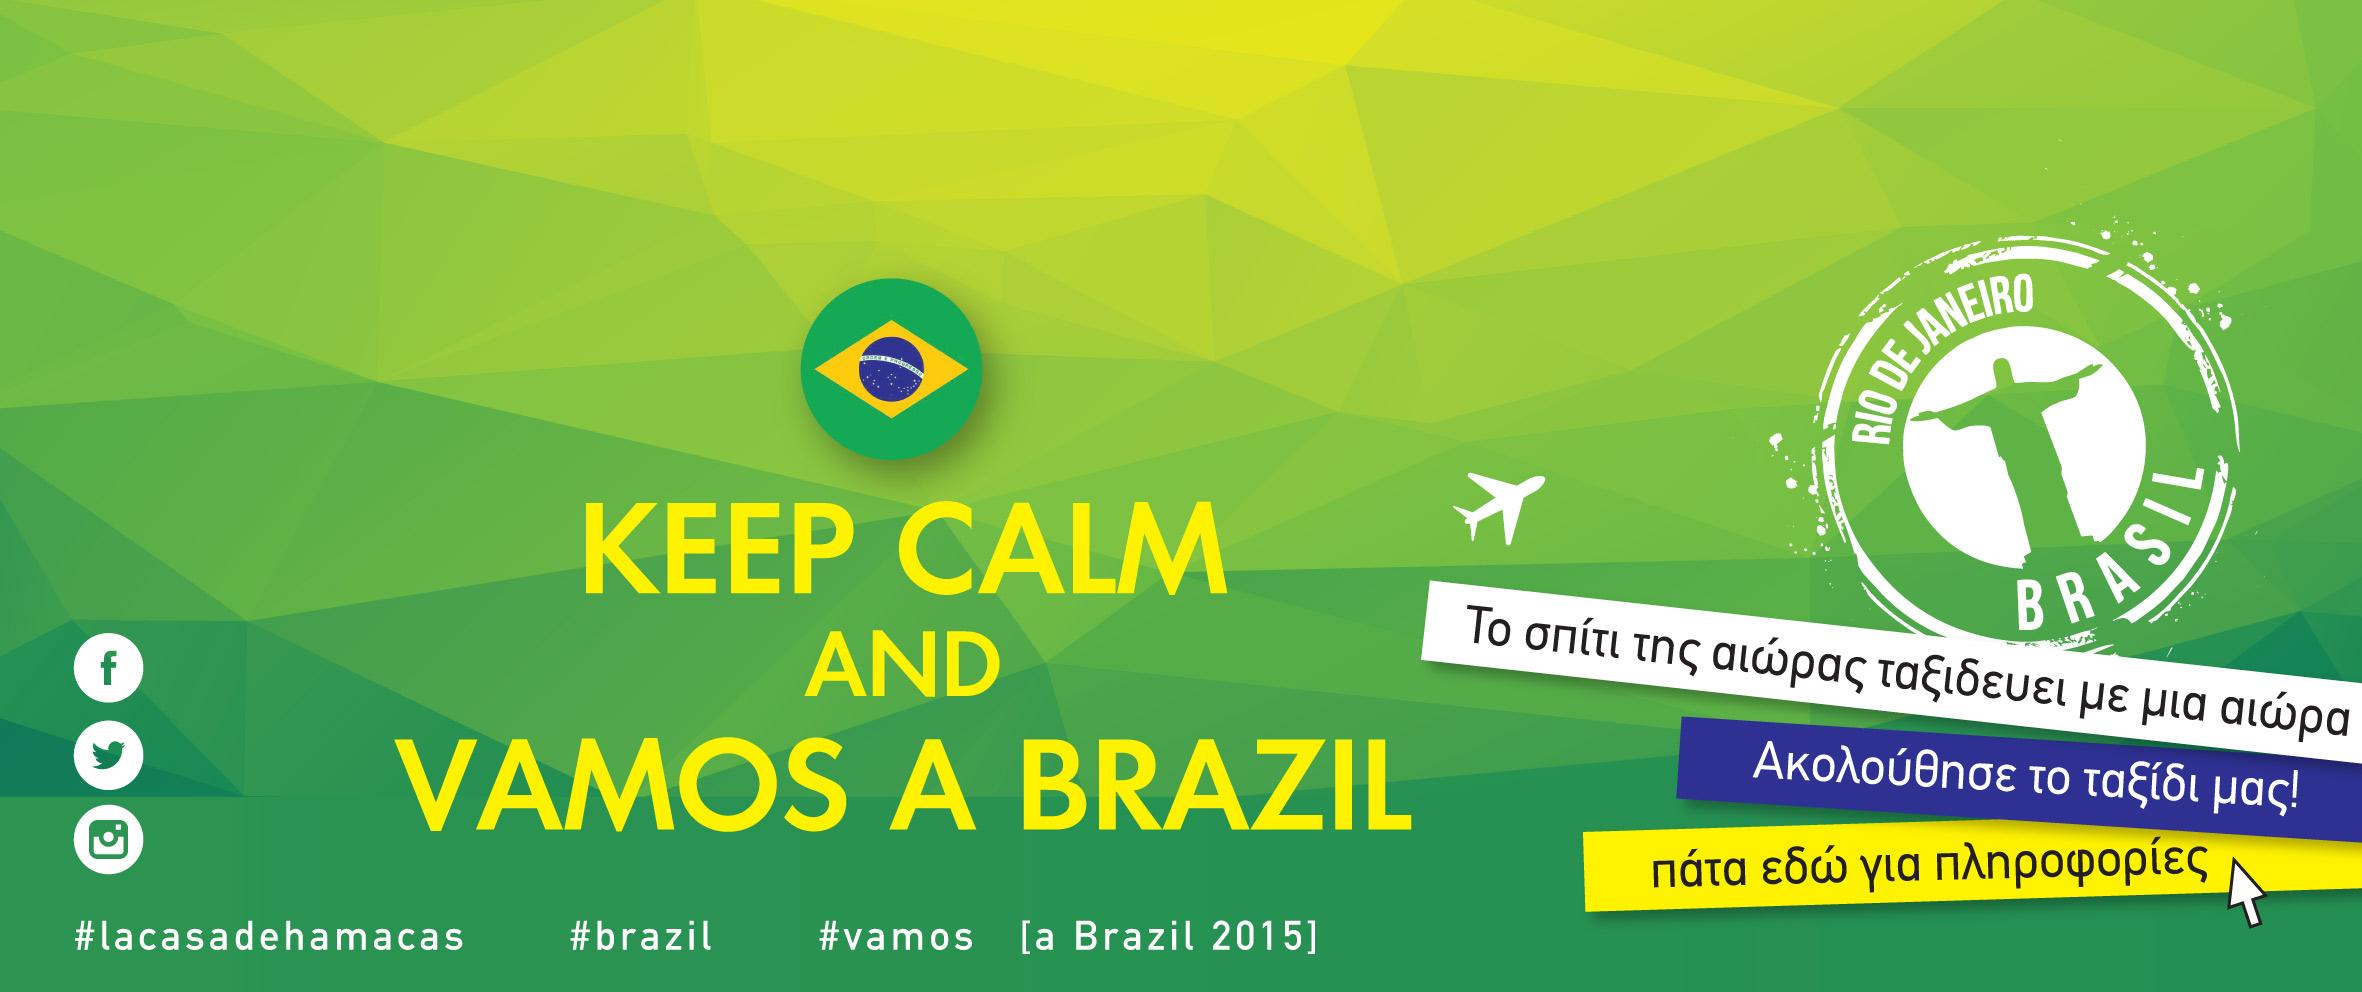 Ταξίδι στην Βραζιλία -Vamos a Brazil 2015 Διαγωνισμός.